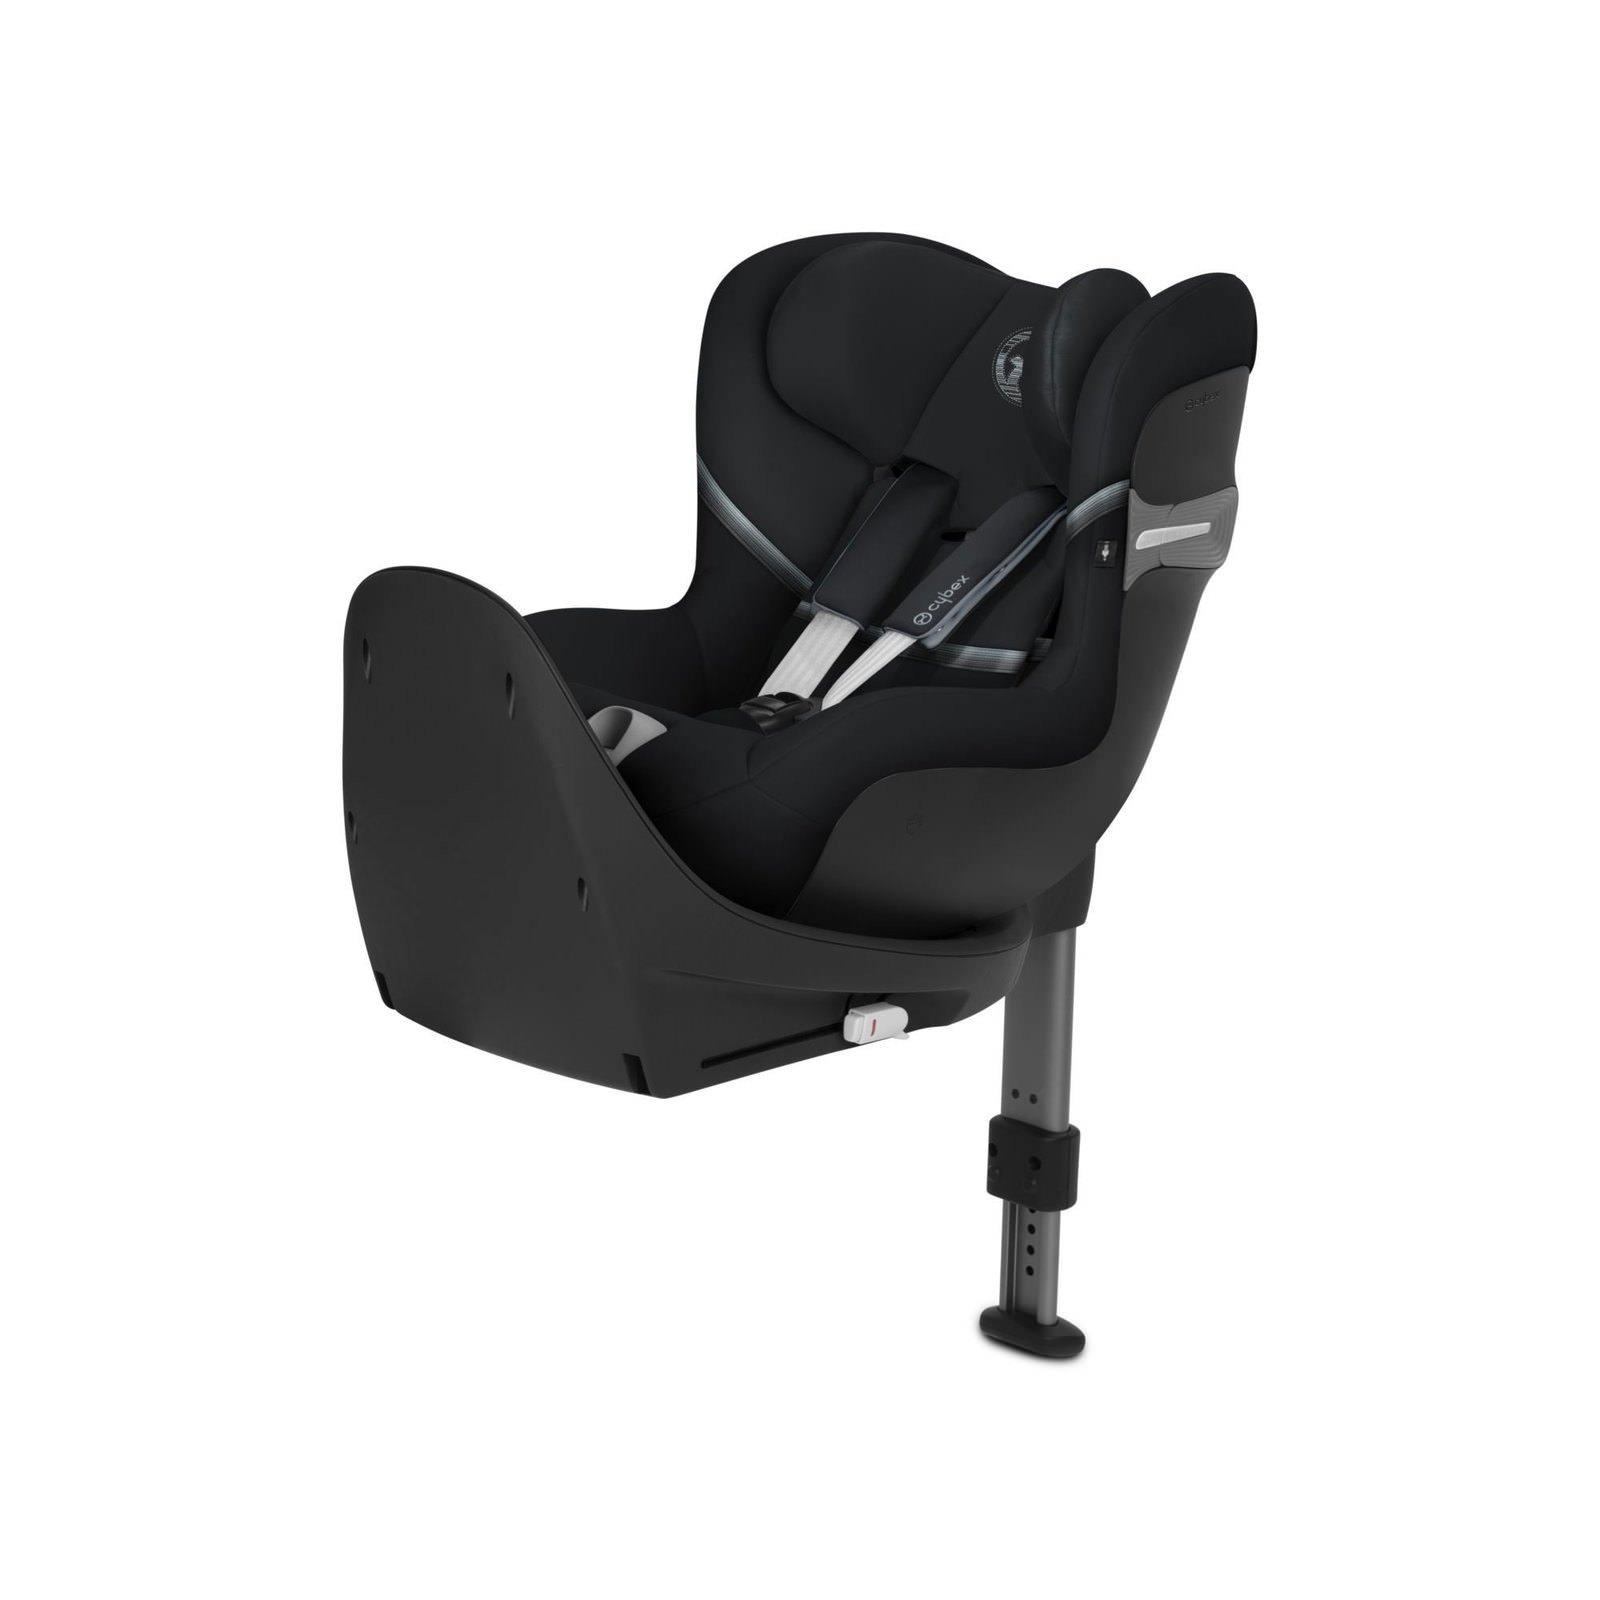 Cybex Sirona M2 I-size + ISOFIX Base M Happy Black Bērnu autosēdeklis 0-18 kg